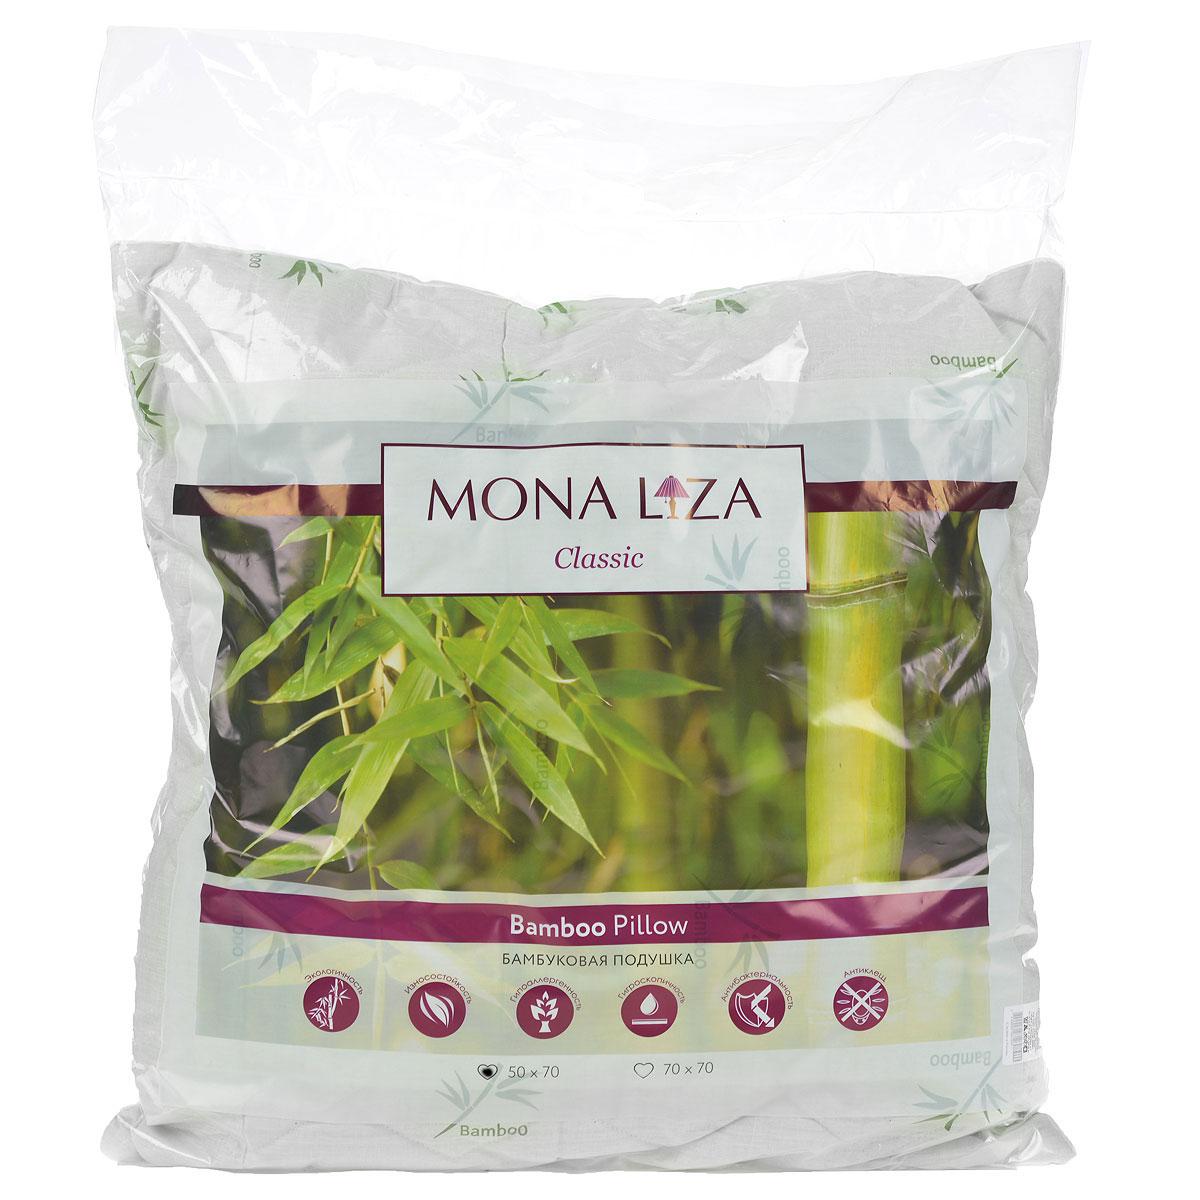 Подушка Mona Liza, цвет: белый, 50 х 70 см. 539414539414Подушка Mona Liza подарит вам незабываемое чувство комфорта и умиротворения. Чехол выполнен из поликоттона, украшен изображением стеблей бамбука, фигурной стежкой и кантом по краю. В качестве наполнителя используется бамбуковое волокно, которое обладает удивительным балансом различных свойств и удовлетворяет требования даже самого изысканного покупателя. Такой наполнитель сохраняет ценные свойства растения и одновременно обеспечивает легкость изделия, мягкость и долговечность. Высокосиликонизированное волокно Royalton придает изделию упругость, быстро восстанавливает форму после смятия, имеет высокую стойкость к ее сохранению с течением времени. Свойства подушки с бамбуком: - Наполнитель обладает природным свойством антибактериальности, как в природе, так и в быту это волокно не повреждается грибками, плесенью и вредителями; это свойство сохраняется при многократных стирках. - Прочность и мягкость: плотность бамбукового волокна в 2...